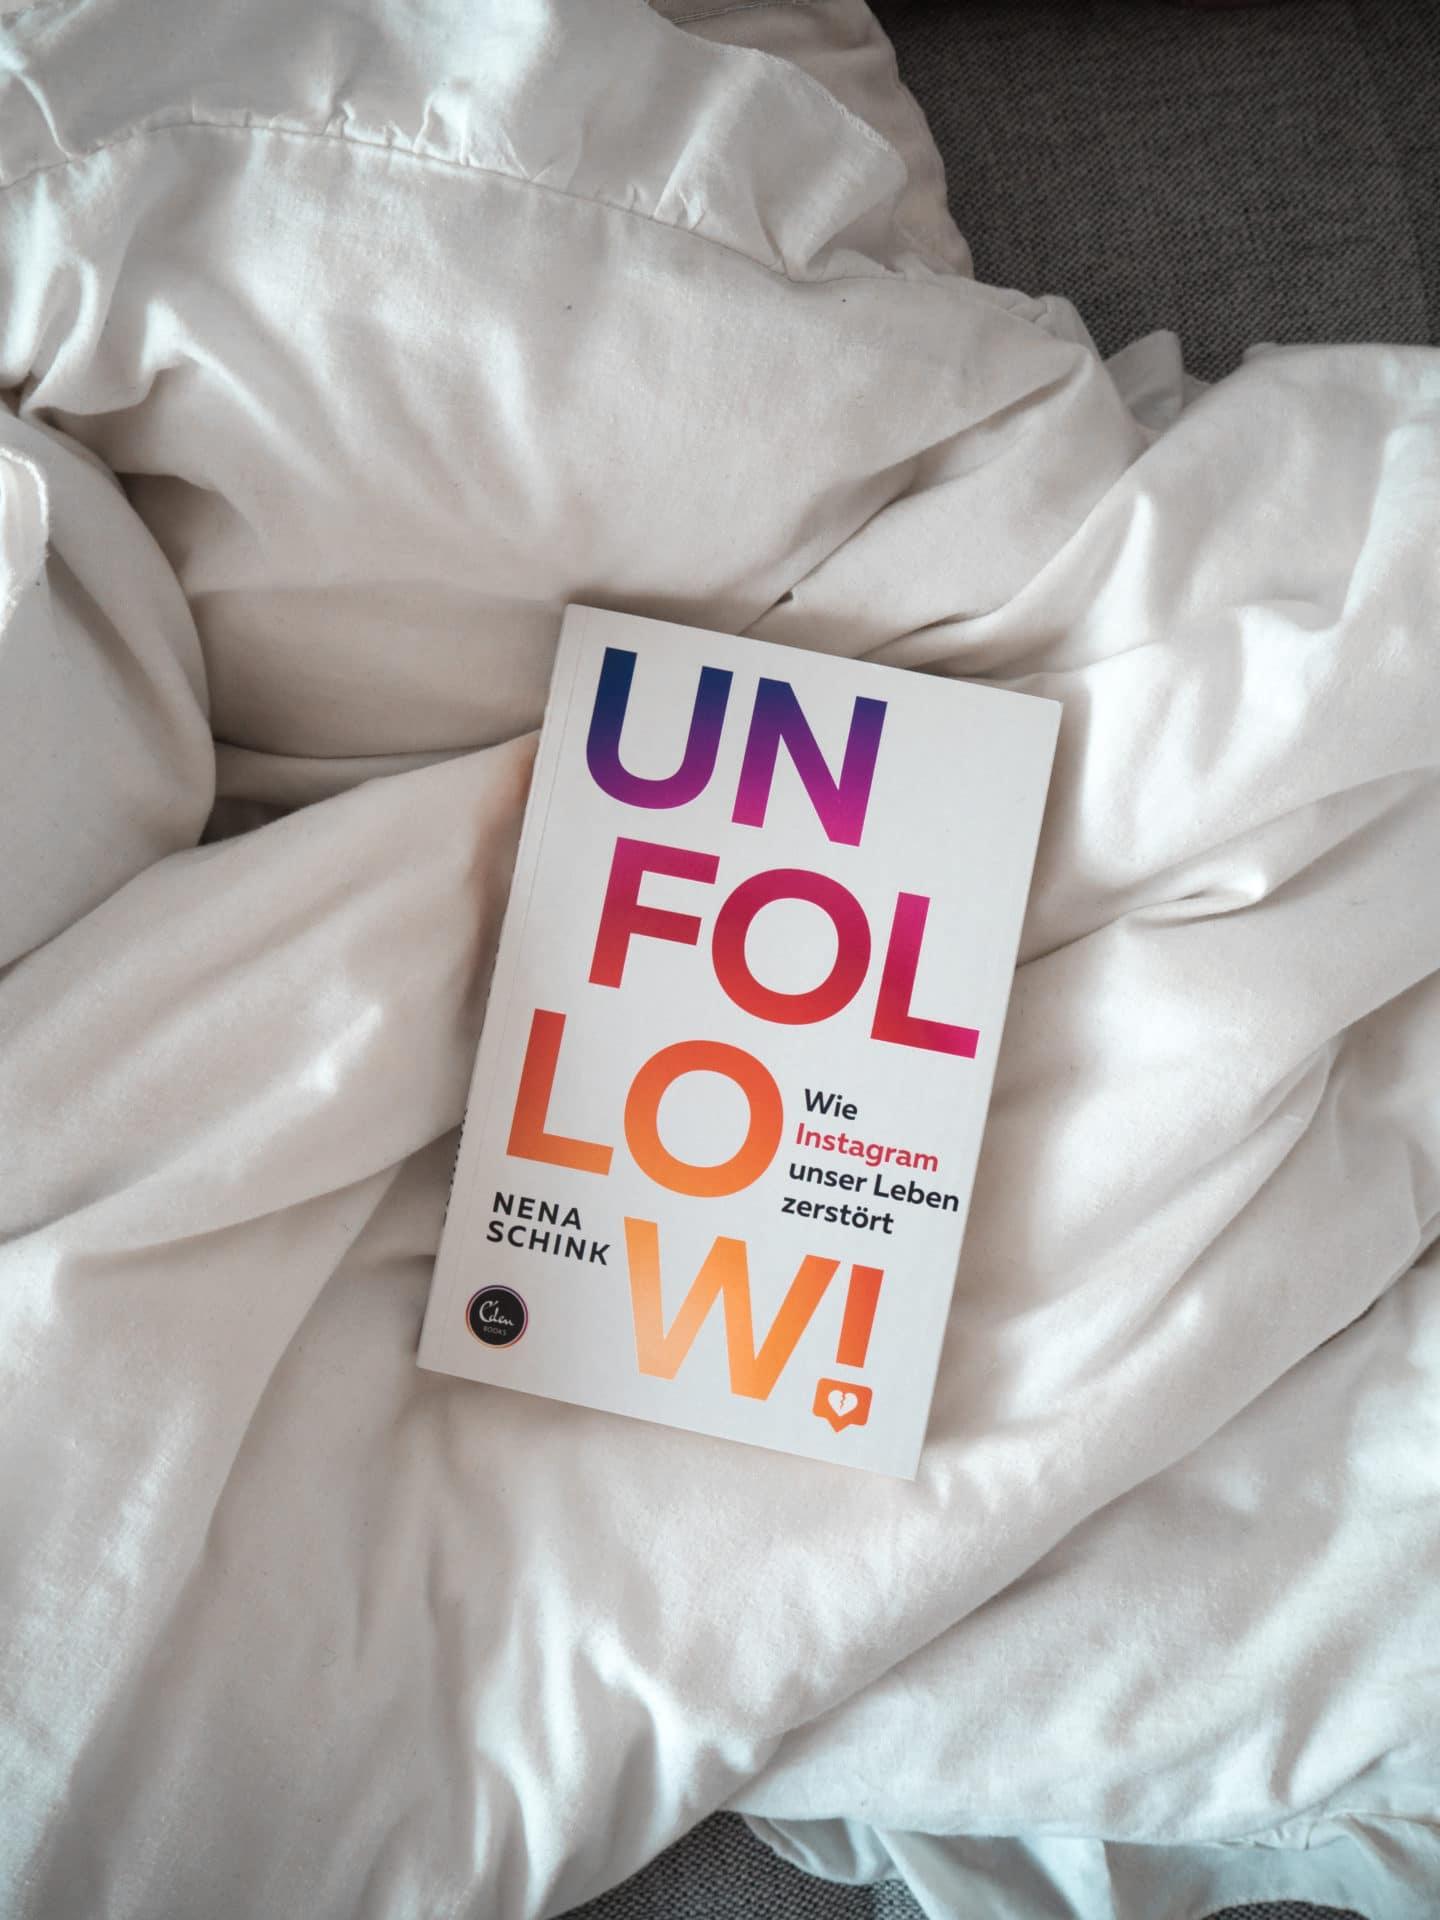 UNFOLLOW Wie Instagram unser Leben zerstört